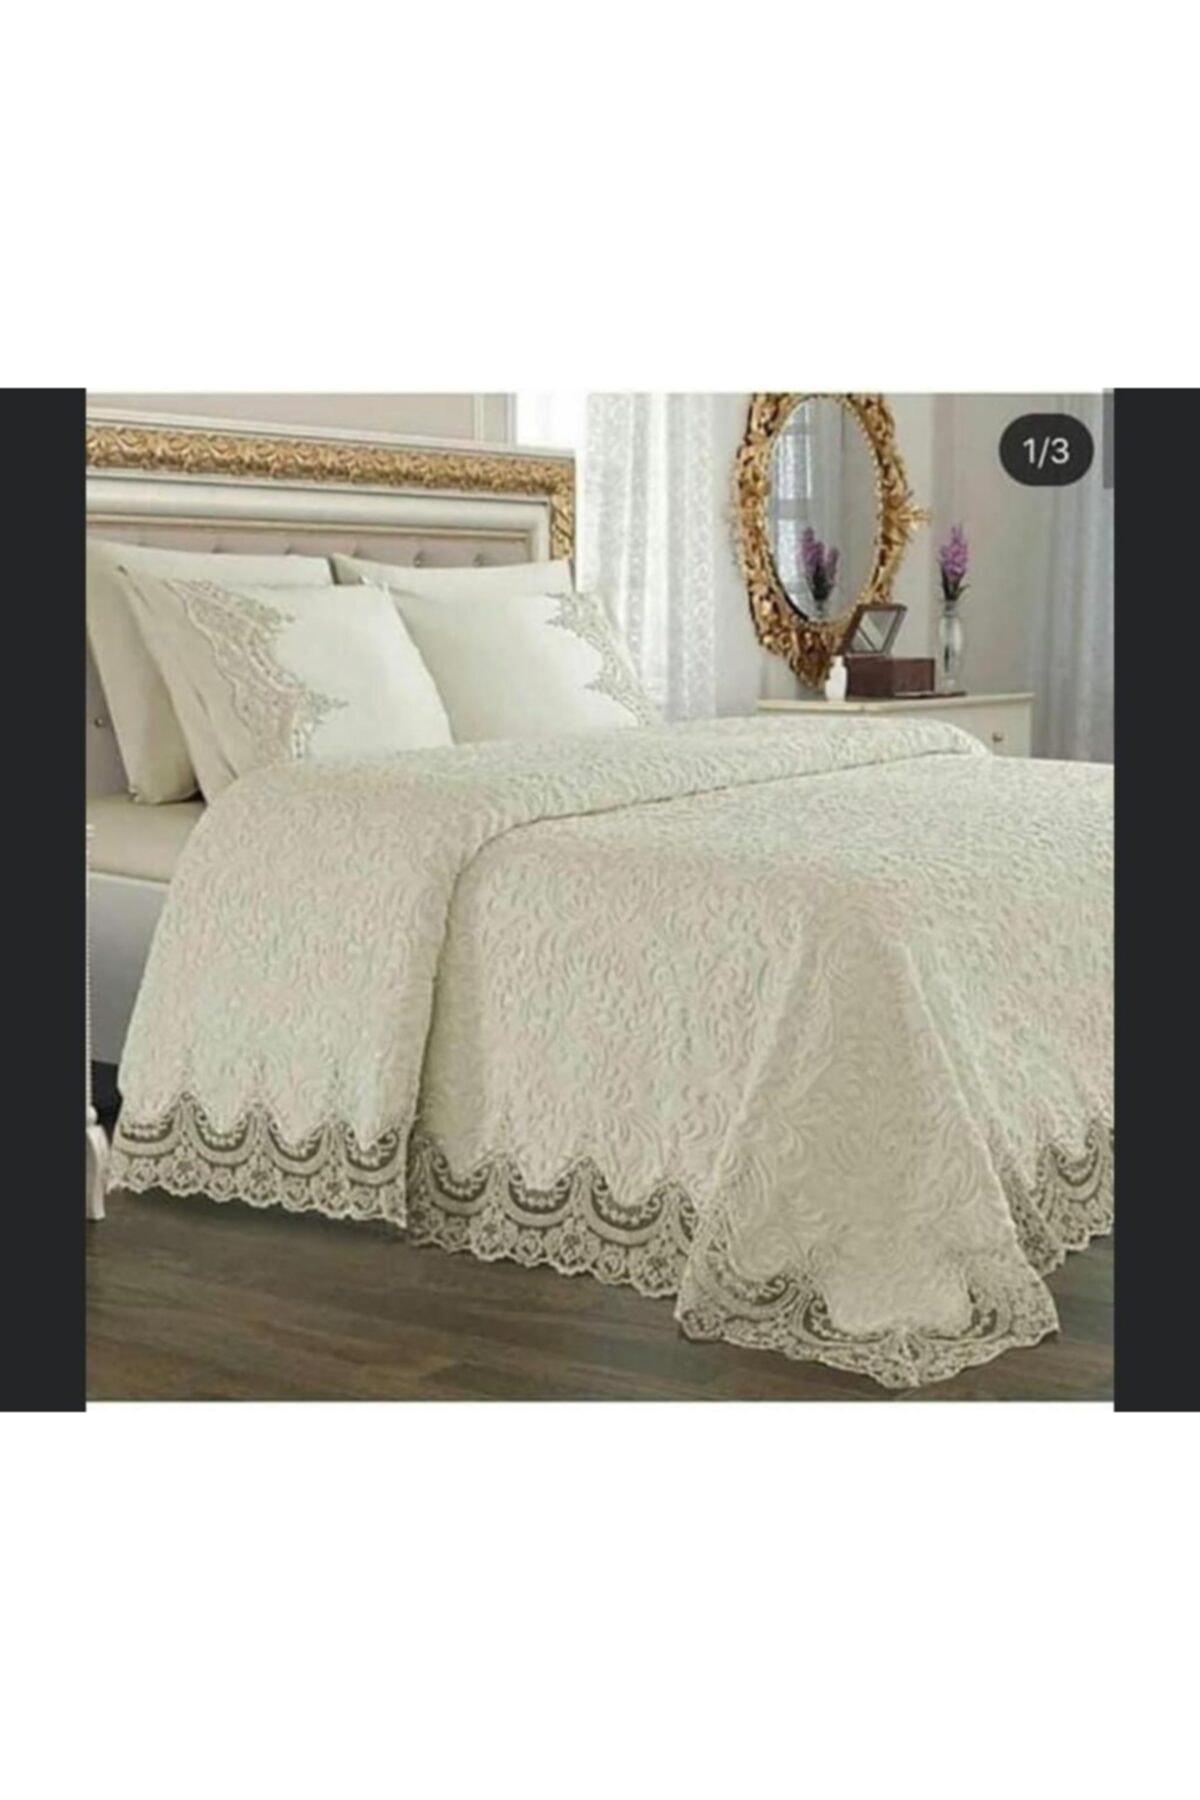 Kelebek Mavi Fransız Güpürlü Battaniye Yatak Örtüsü Seti Krem